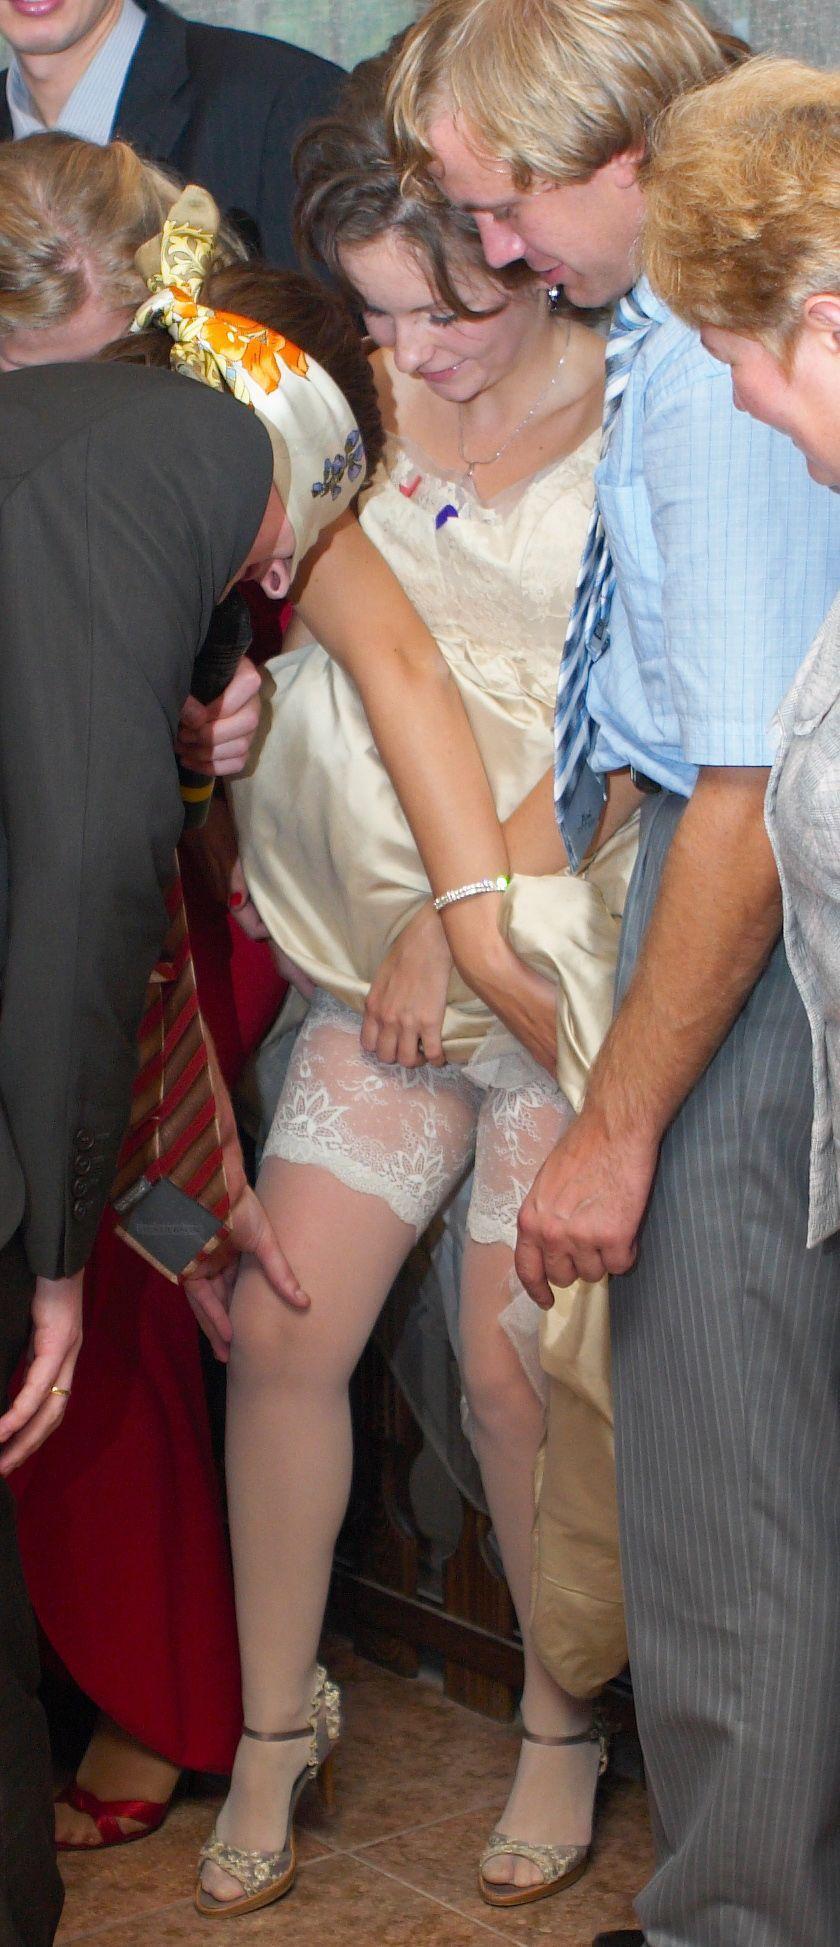 School Skirt No Panties